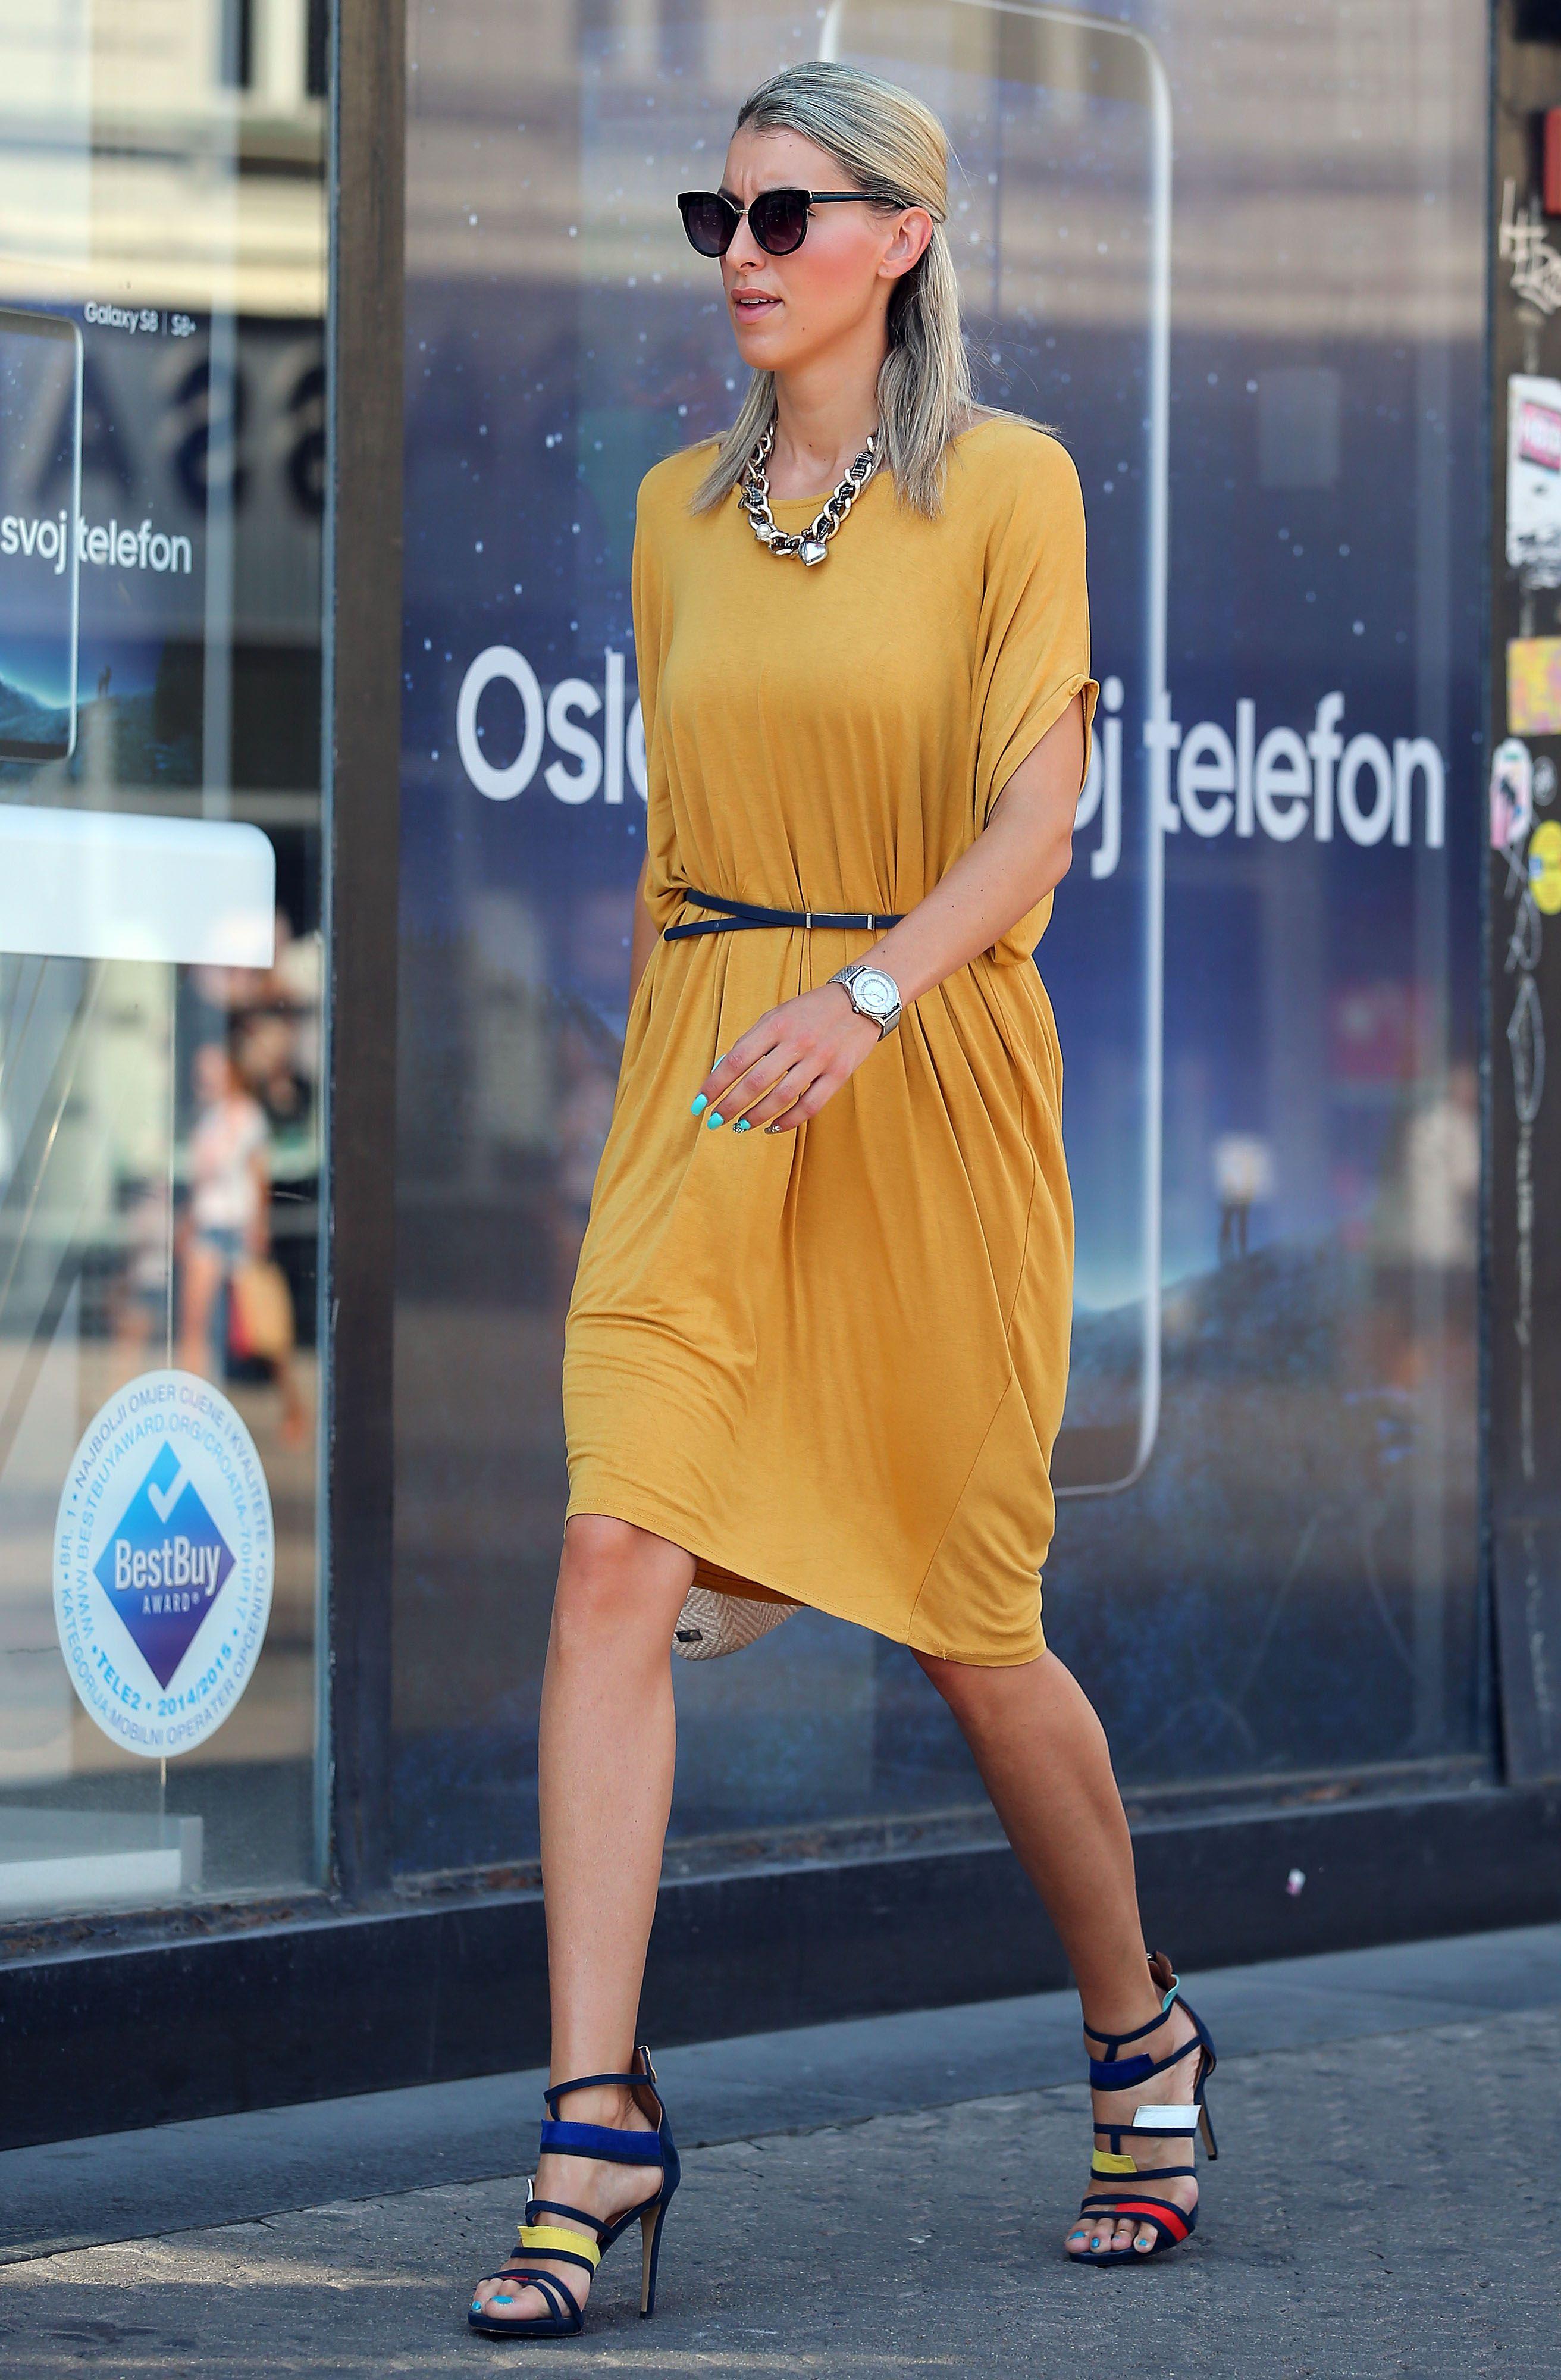 Ova je dama u neobičnim sandalama bila glavna zvijezda zagrebačke špice